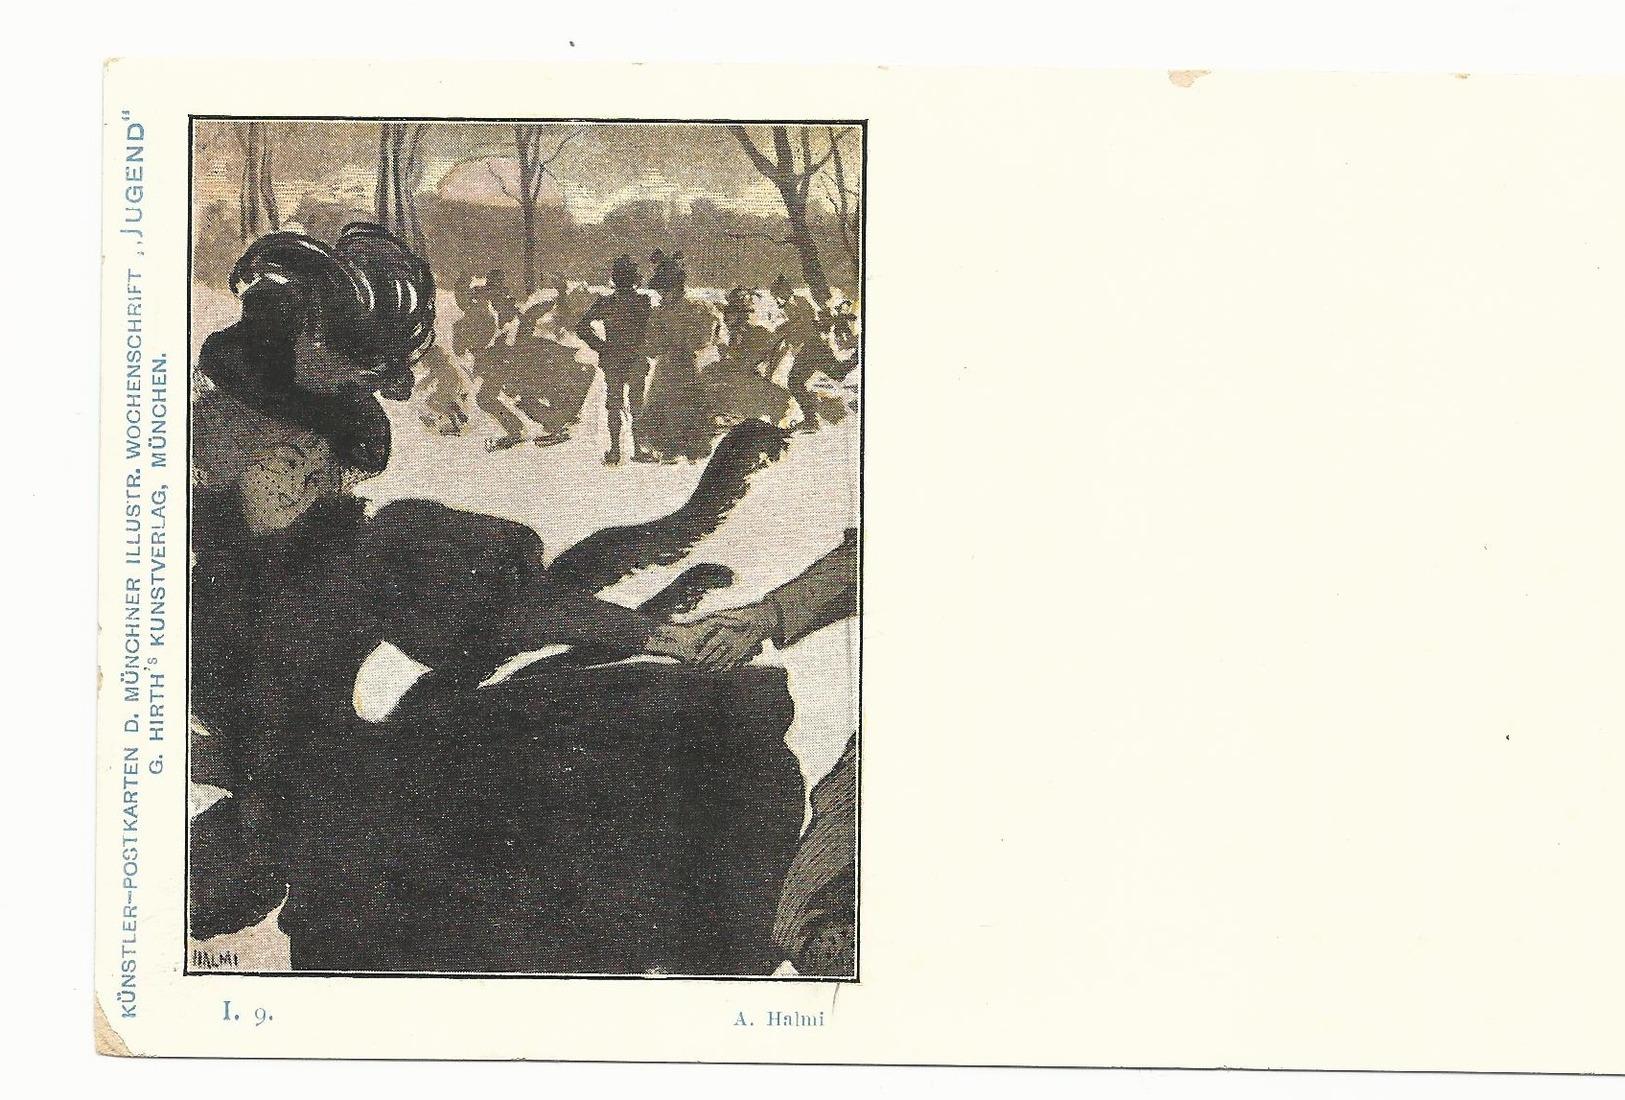 CPA - ART NOUVEAU - ILL. HALMI - SERIE JUGEND I.9 - NON ECRITE - TBE - Illustrateurs & Photographes